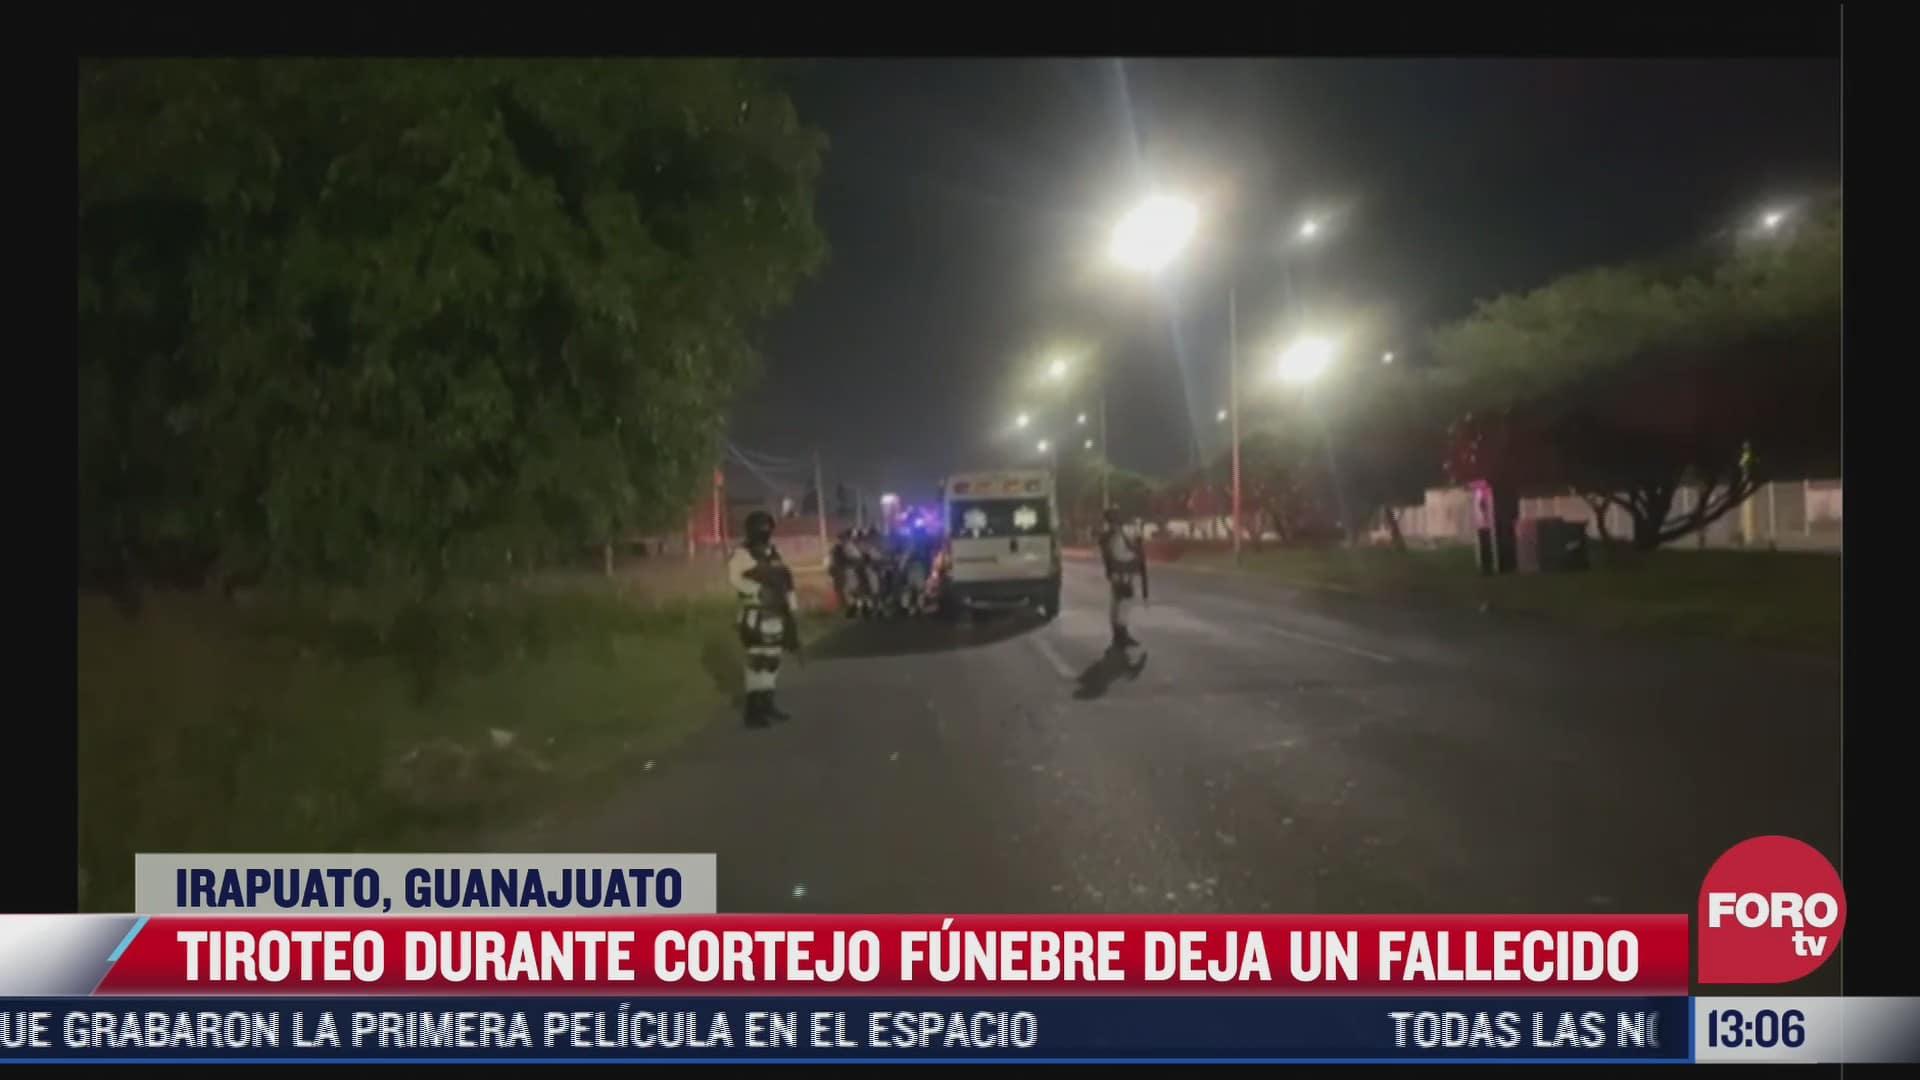 tiroteo en cortejo funebre deja un fallecido en guanajuato